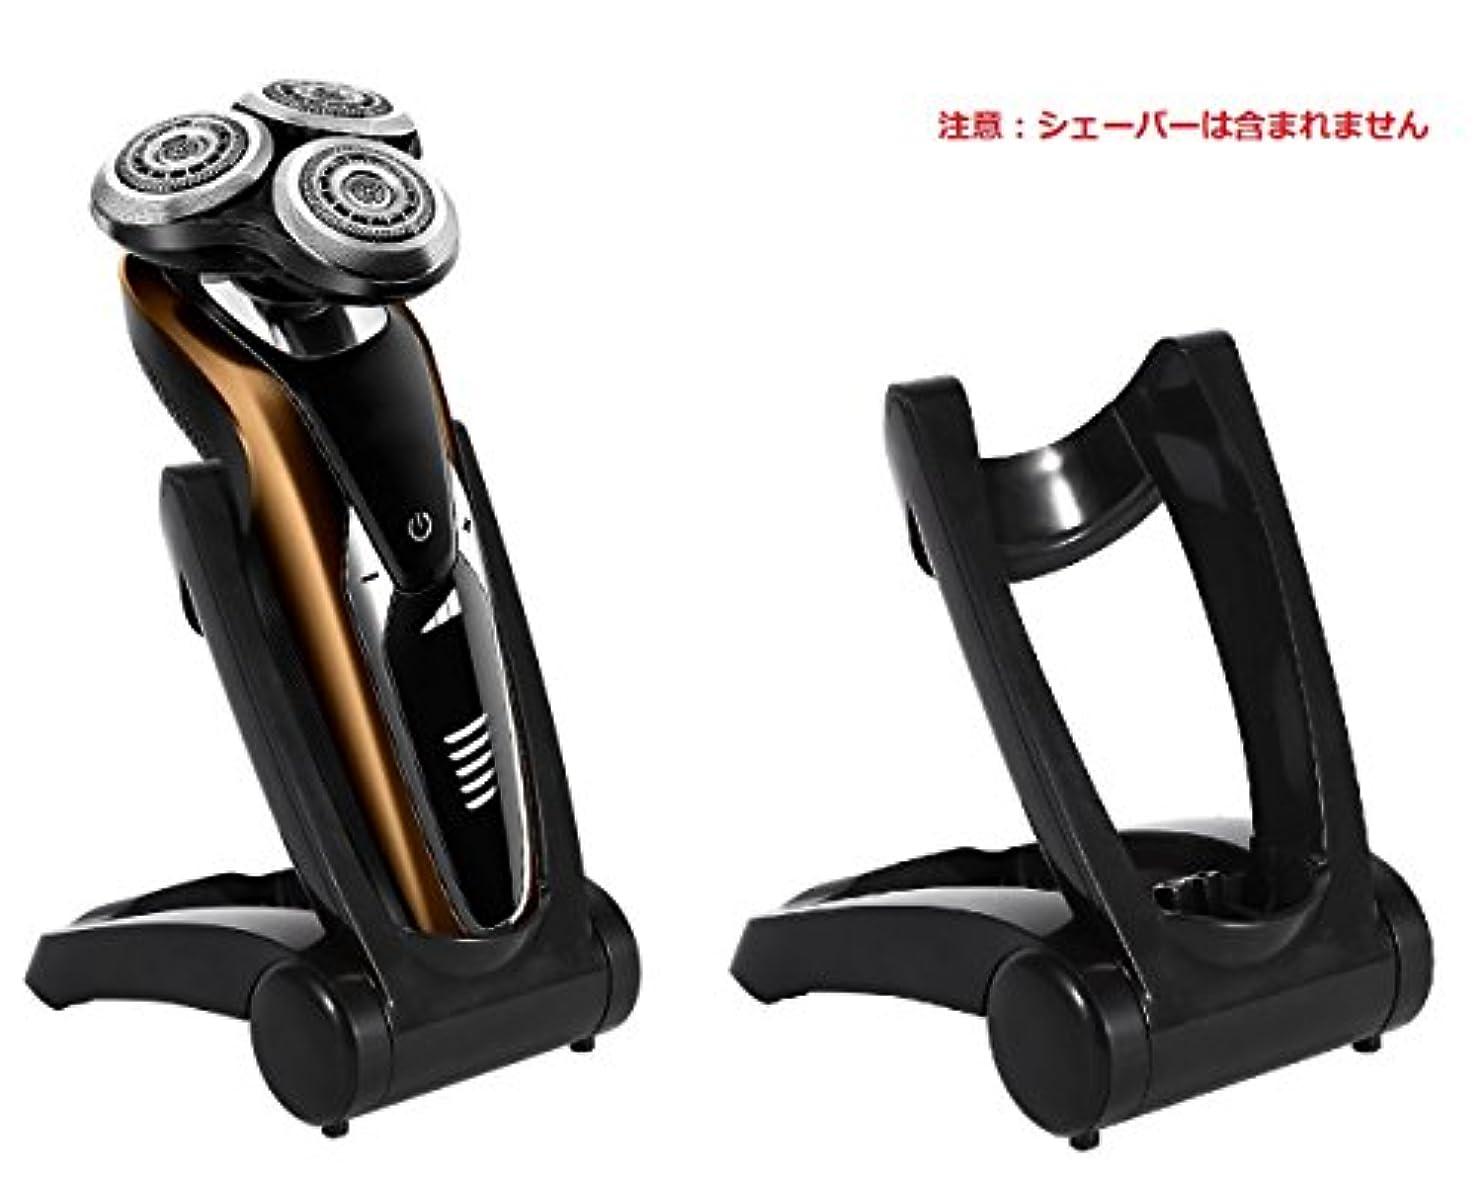 葡萄不道徳寄稿者Lifepartner 充電スタンド PHILIPS 適用 シェーバーベース 電動シェーバーホルダー BY-310/330/1298/RQ1150に適用 持ちやすい スタンド シェービングABSブラック